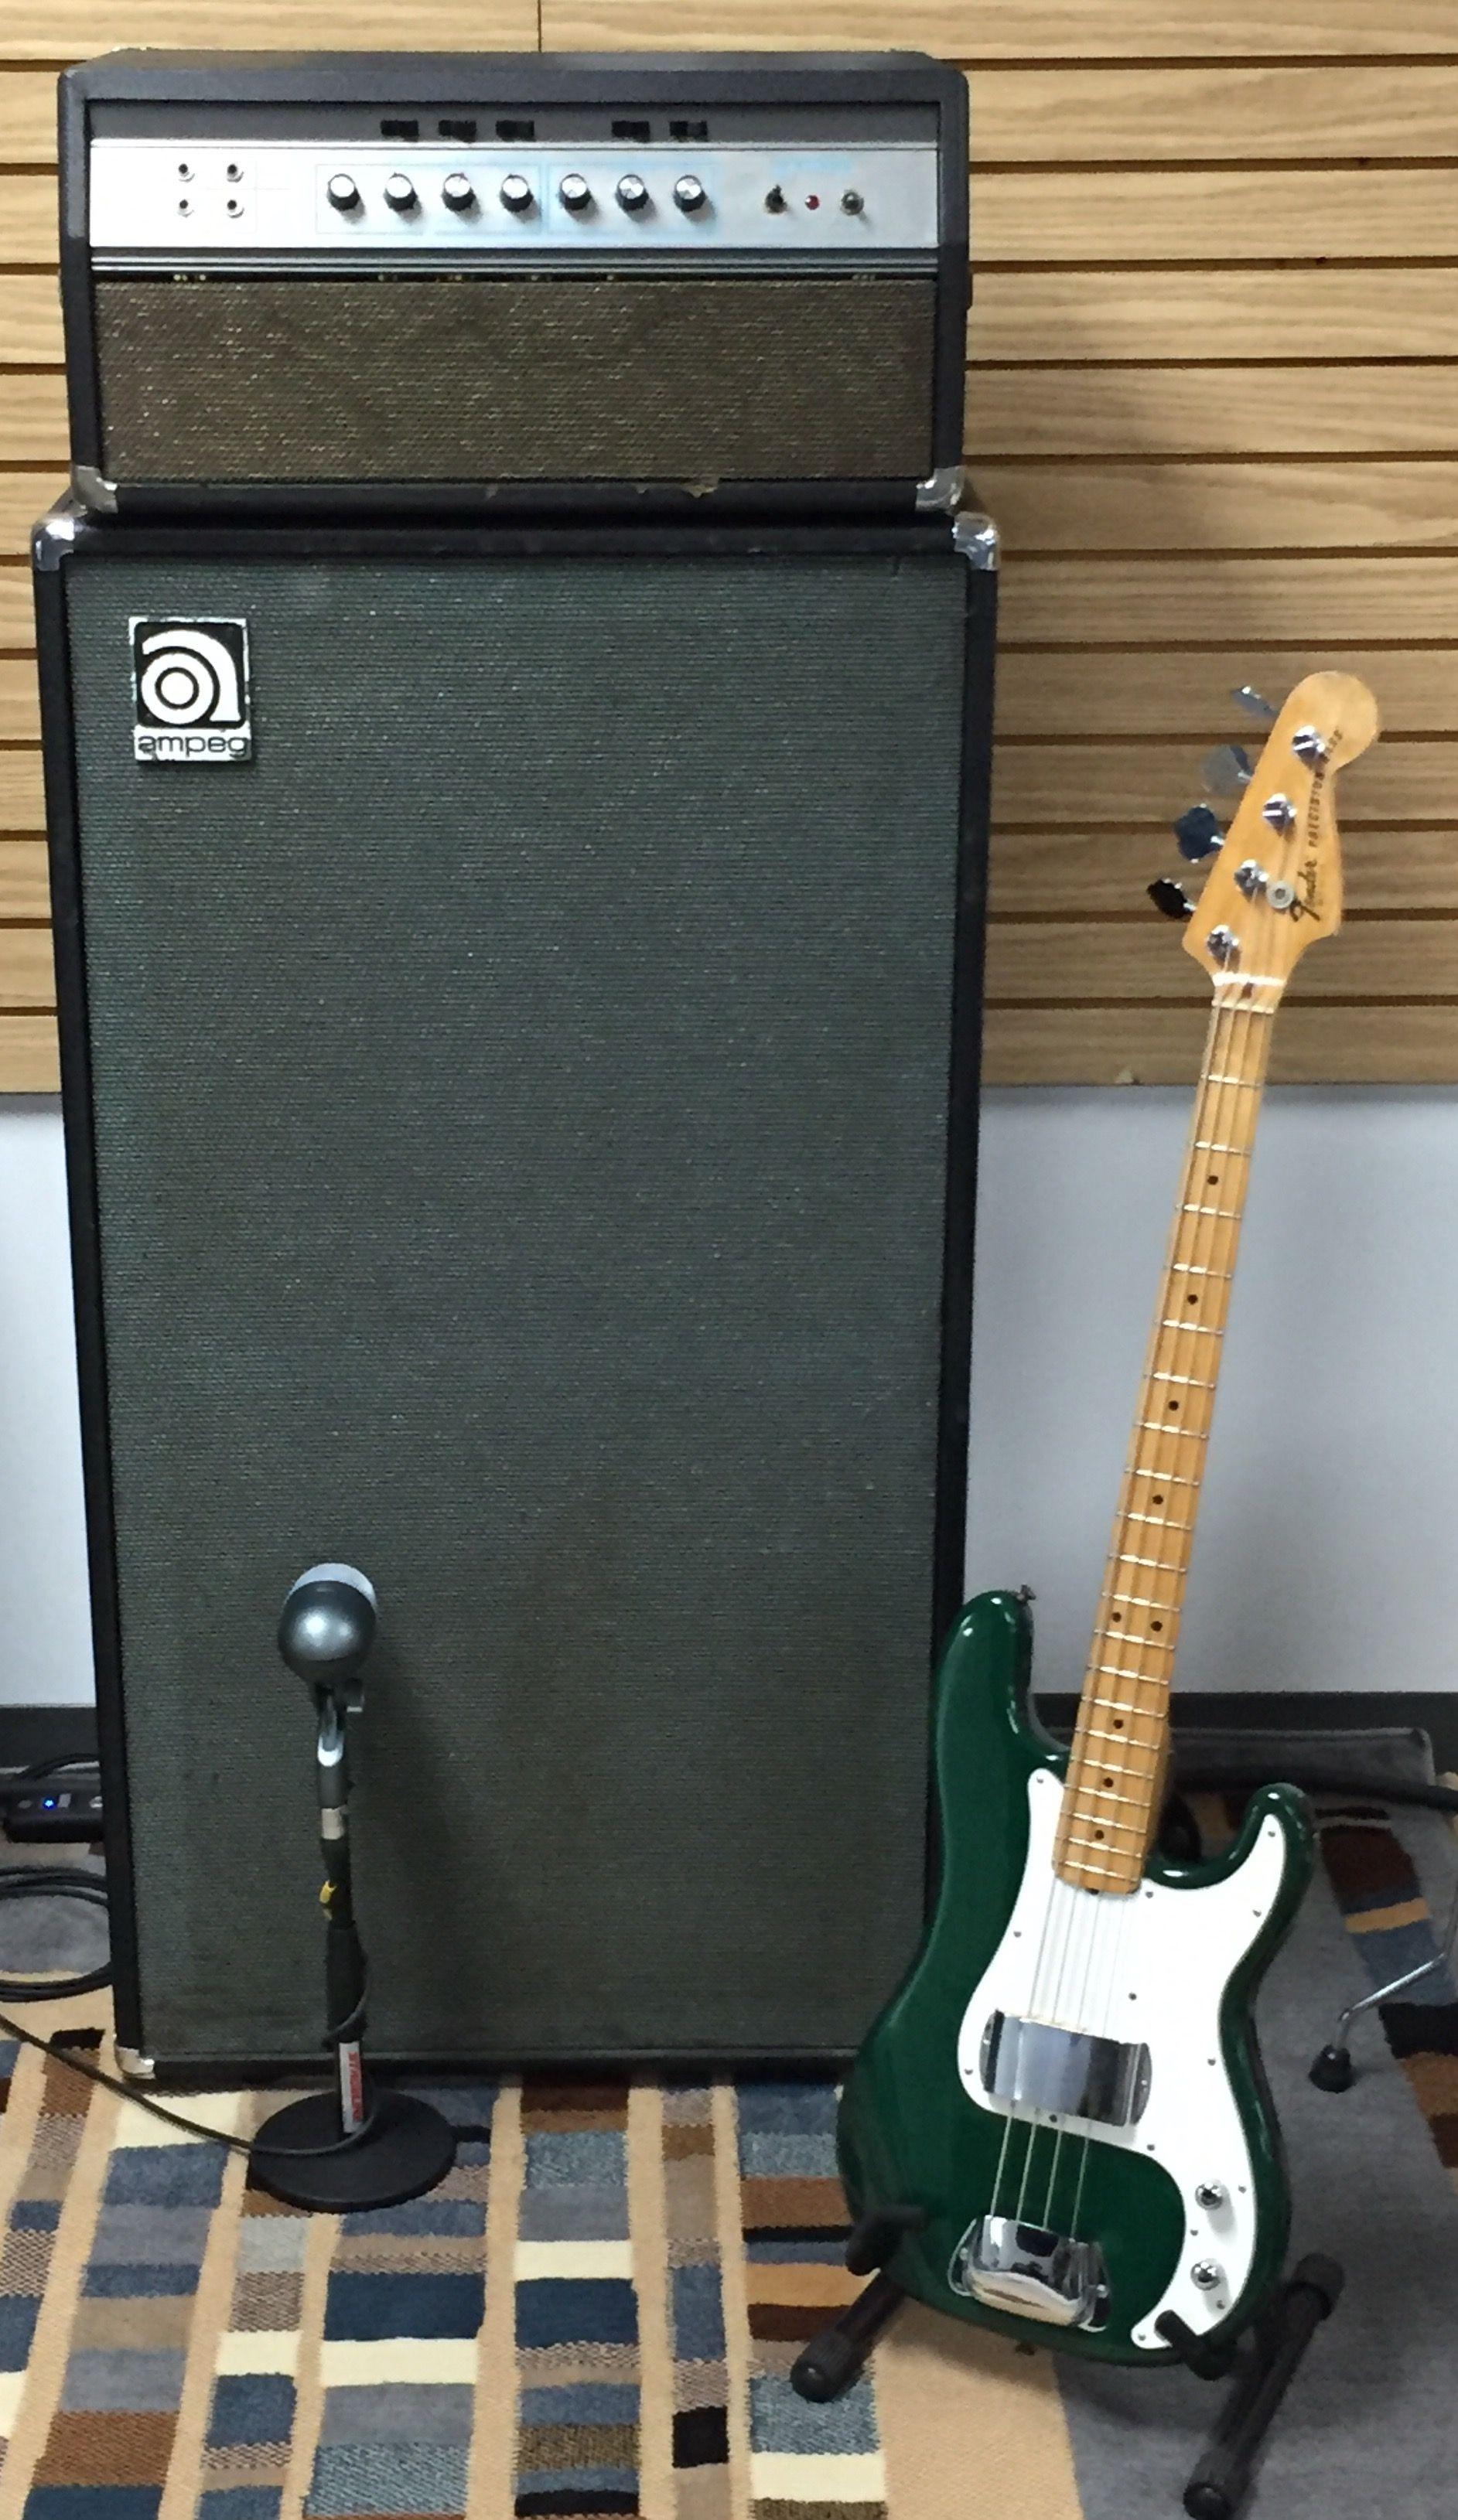 1970 Original Ampeg Svt 8x10 Cabinet Boutique Guitar Blues Fender Precision Bass